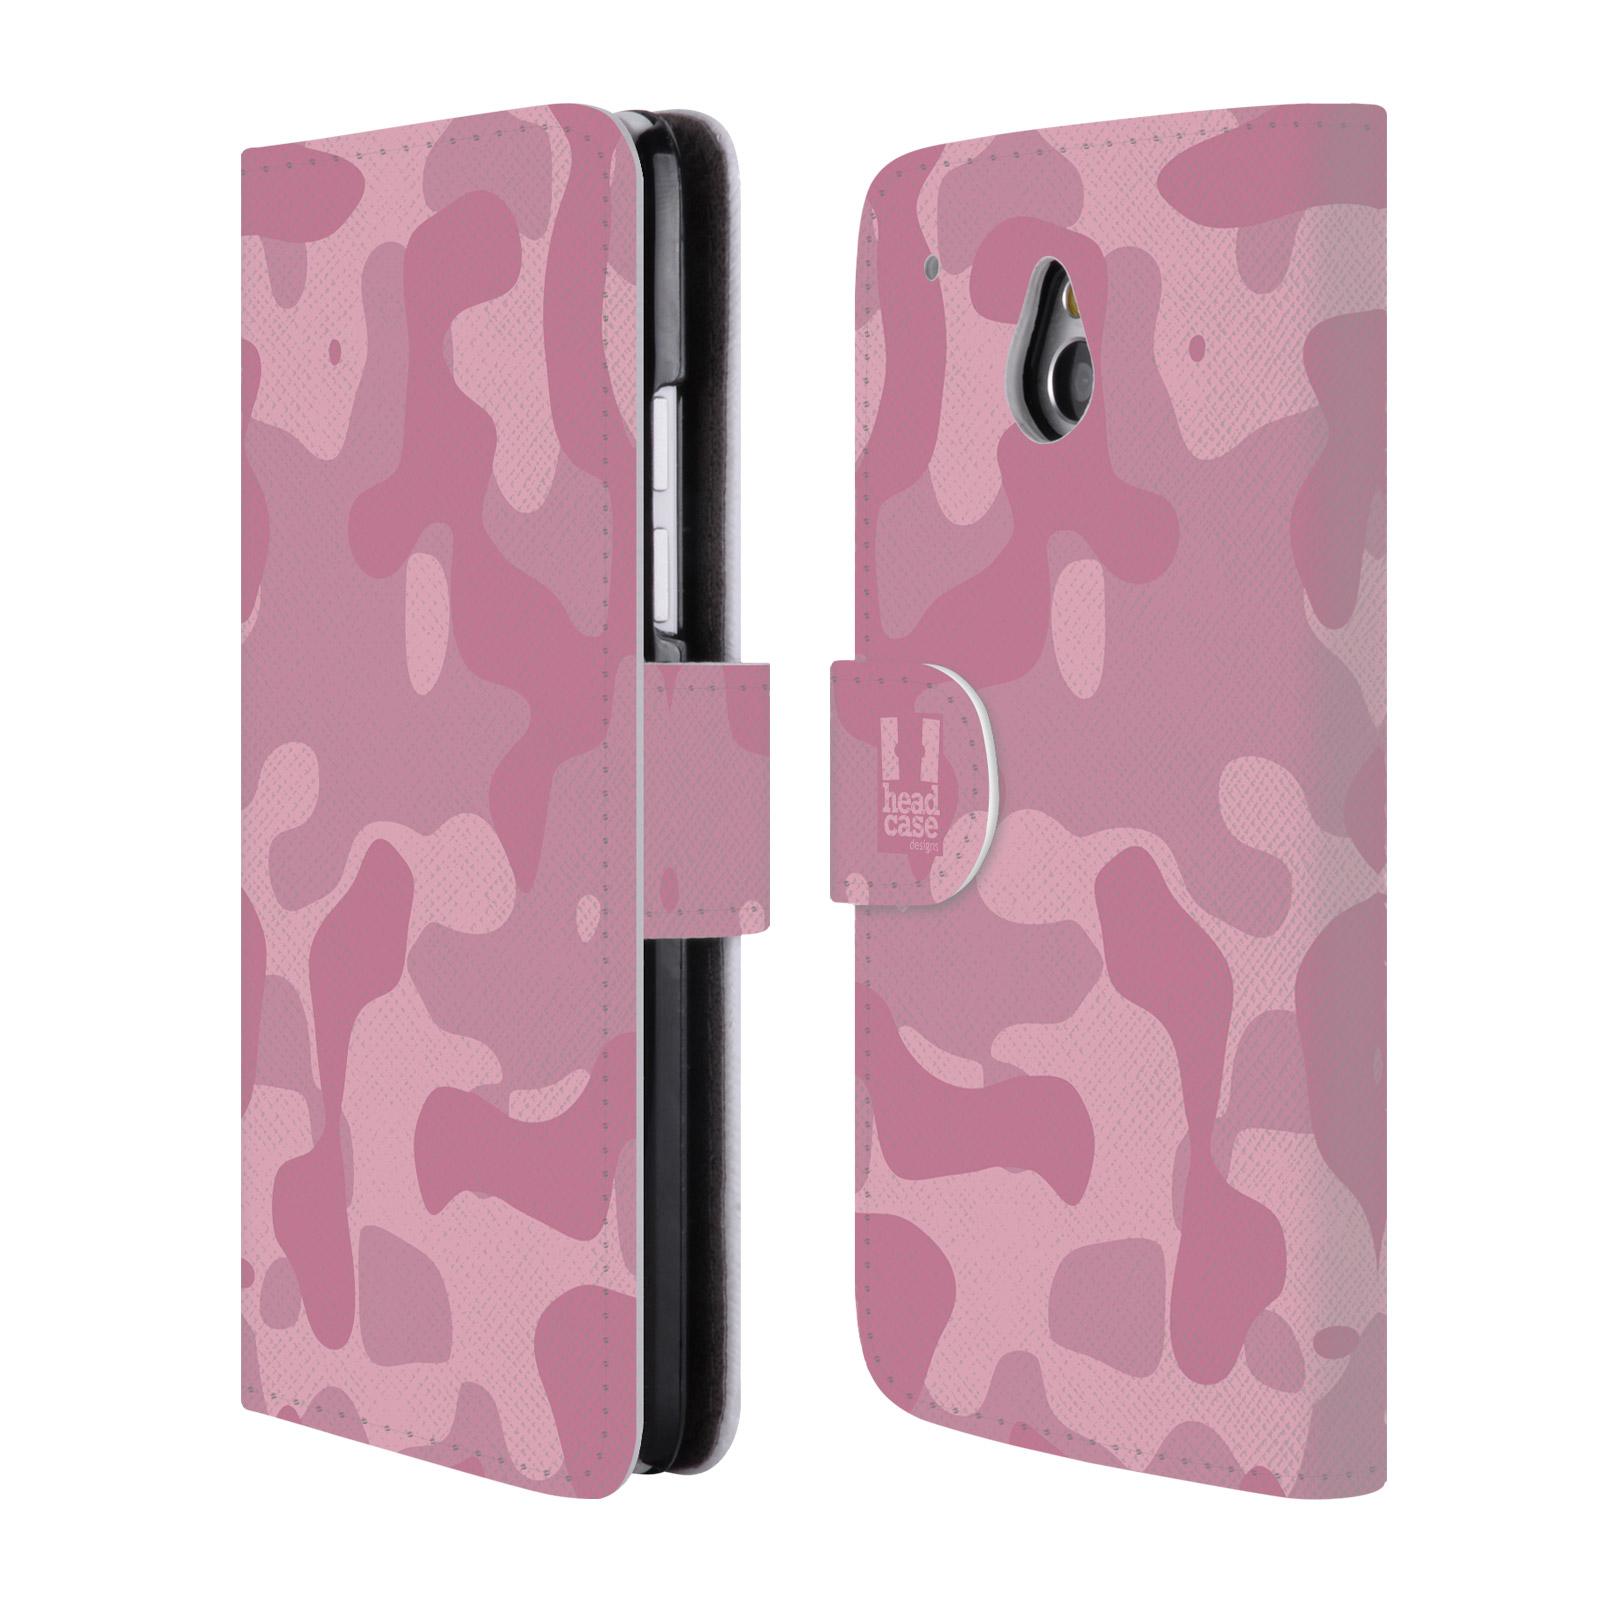 HEAD CASE Flipové pouzdro pro mobil HTC ONE MINI (M4) lehká barevná kamufláž růžová